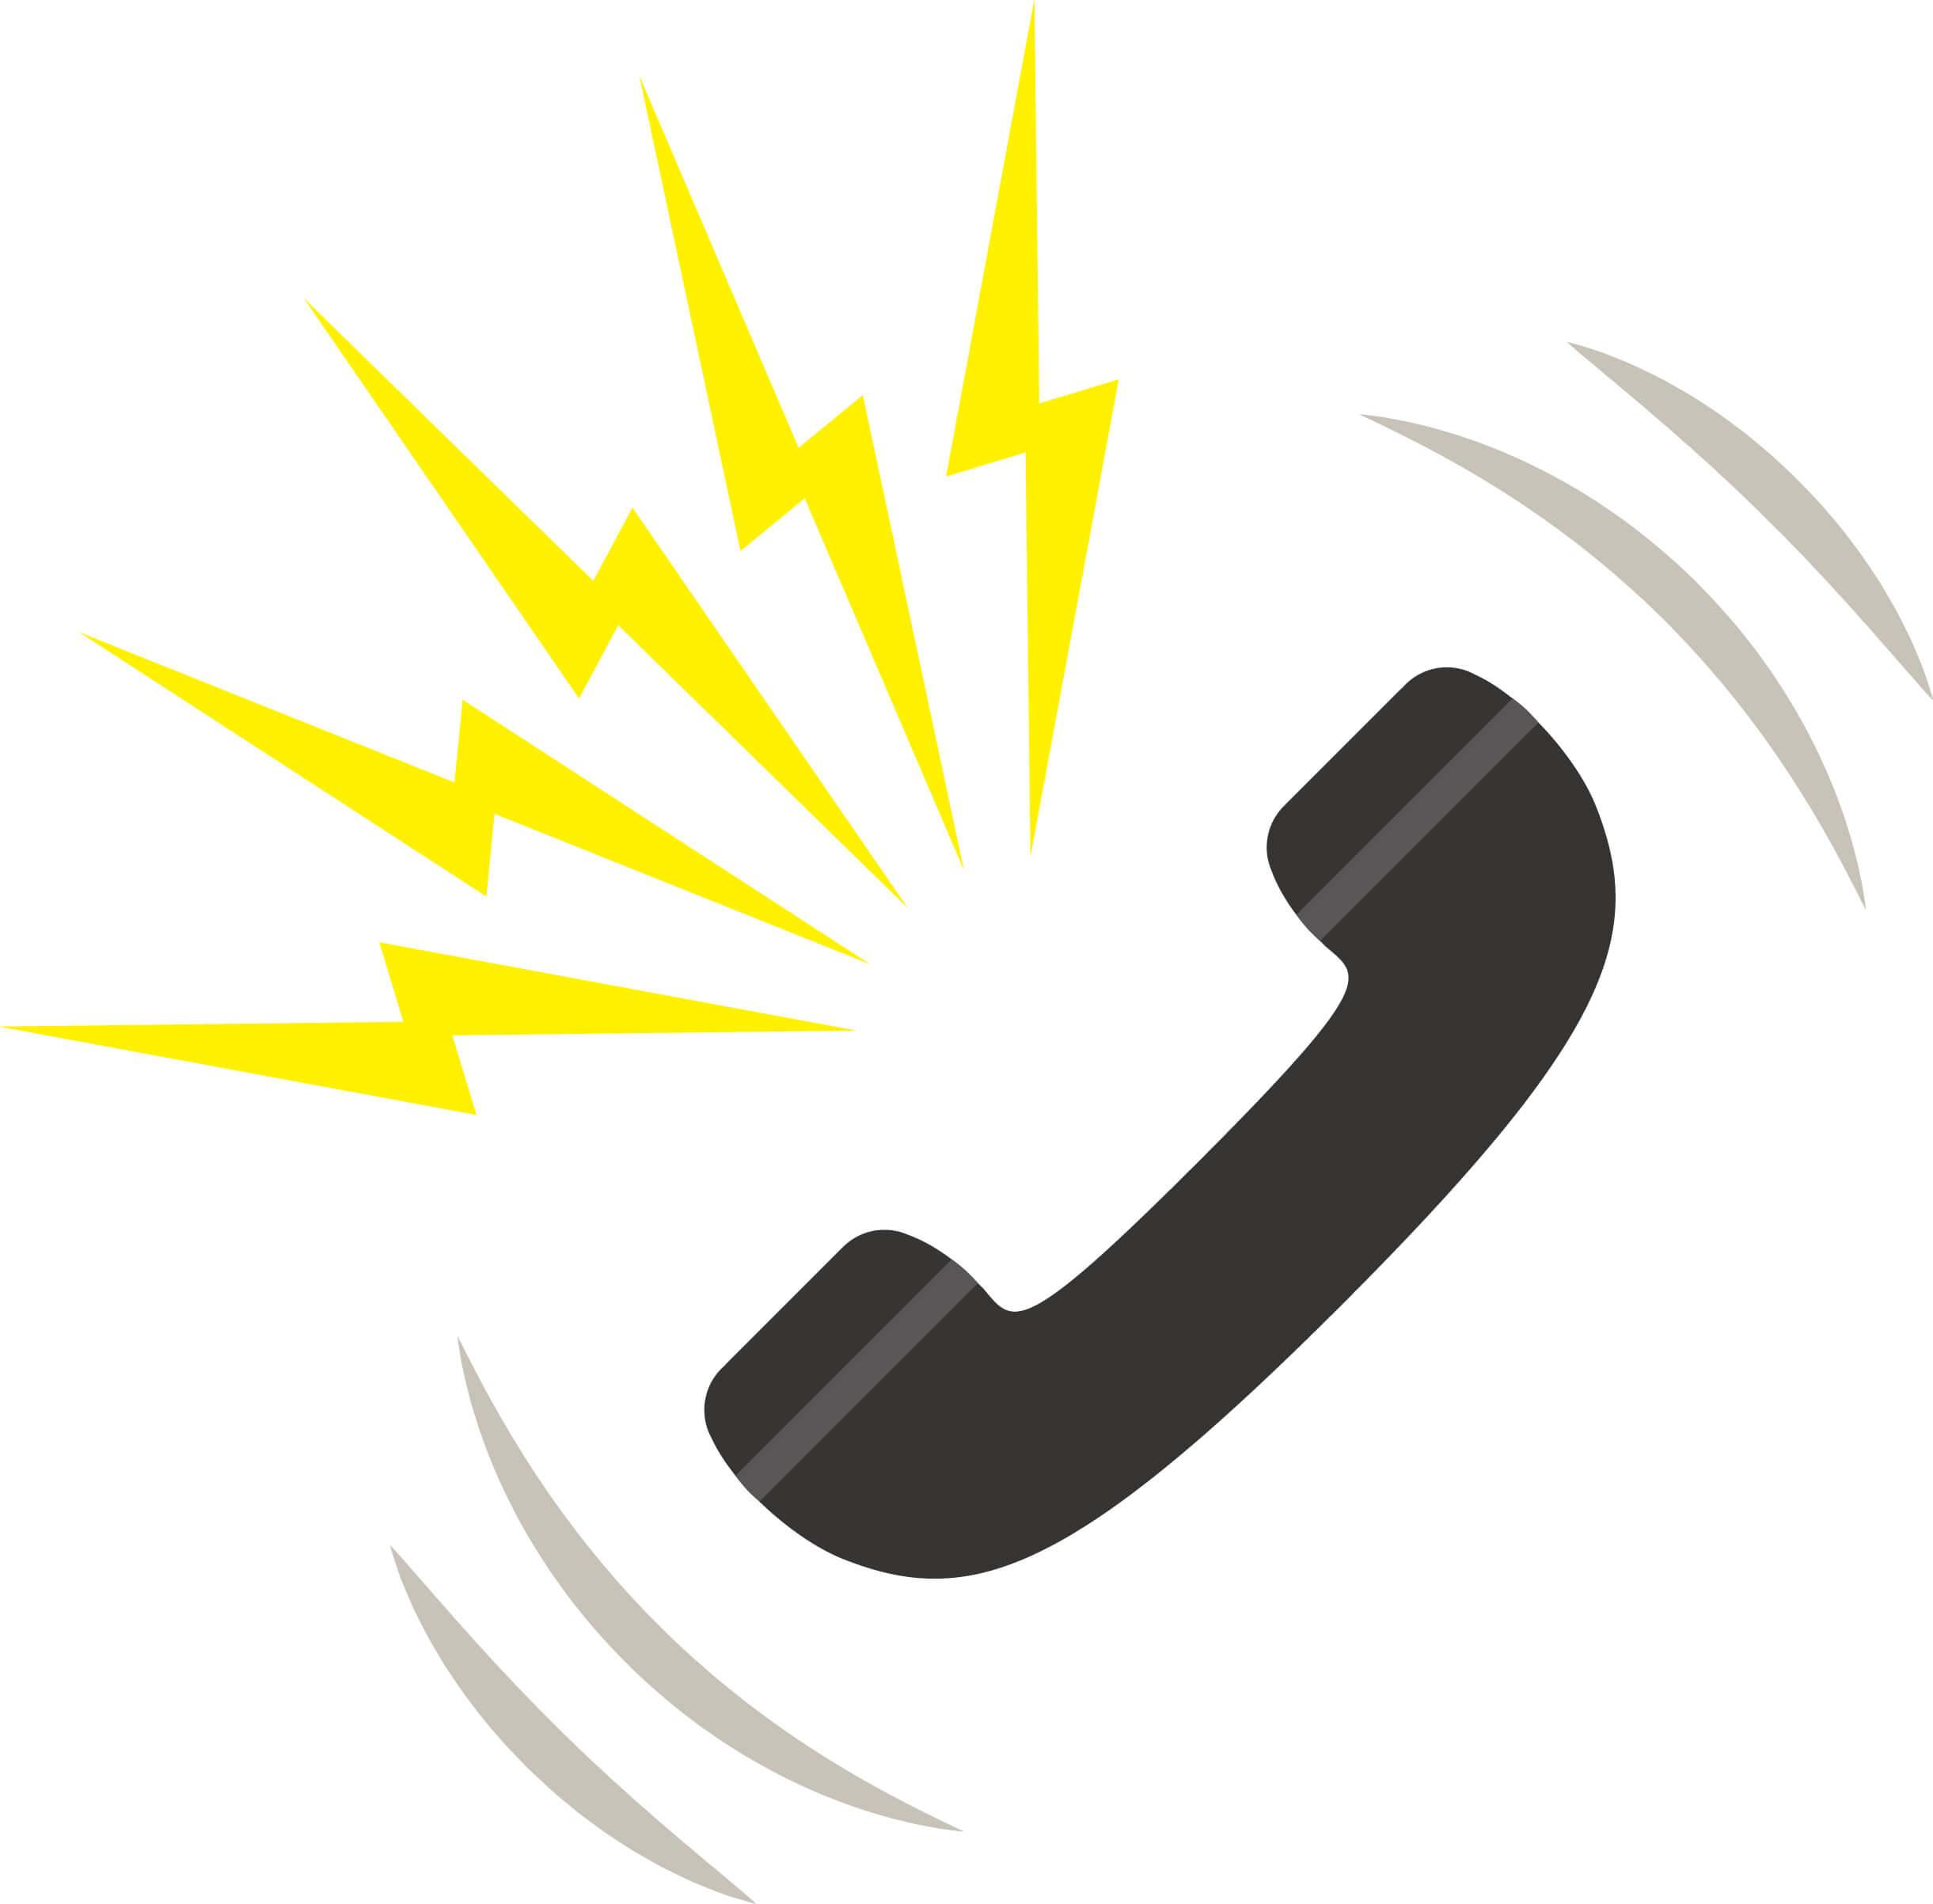 オイシックスのお試しセットを頼んだ後の電話勧誘はあった?